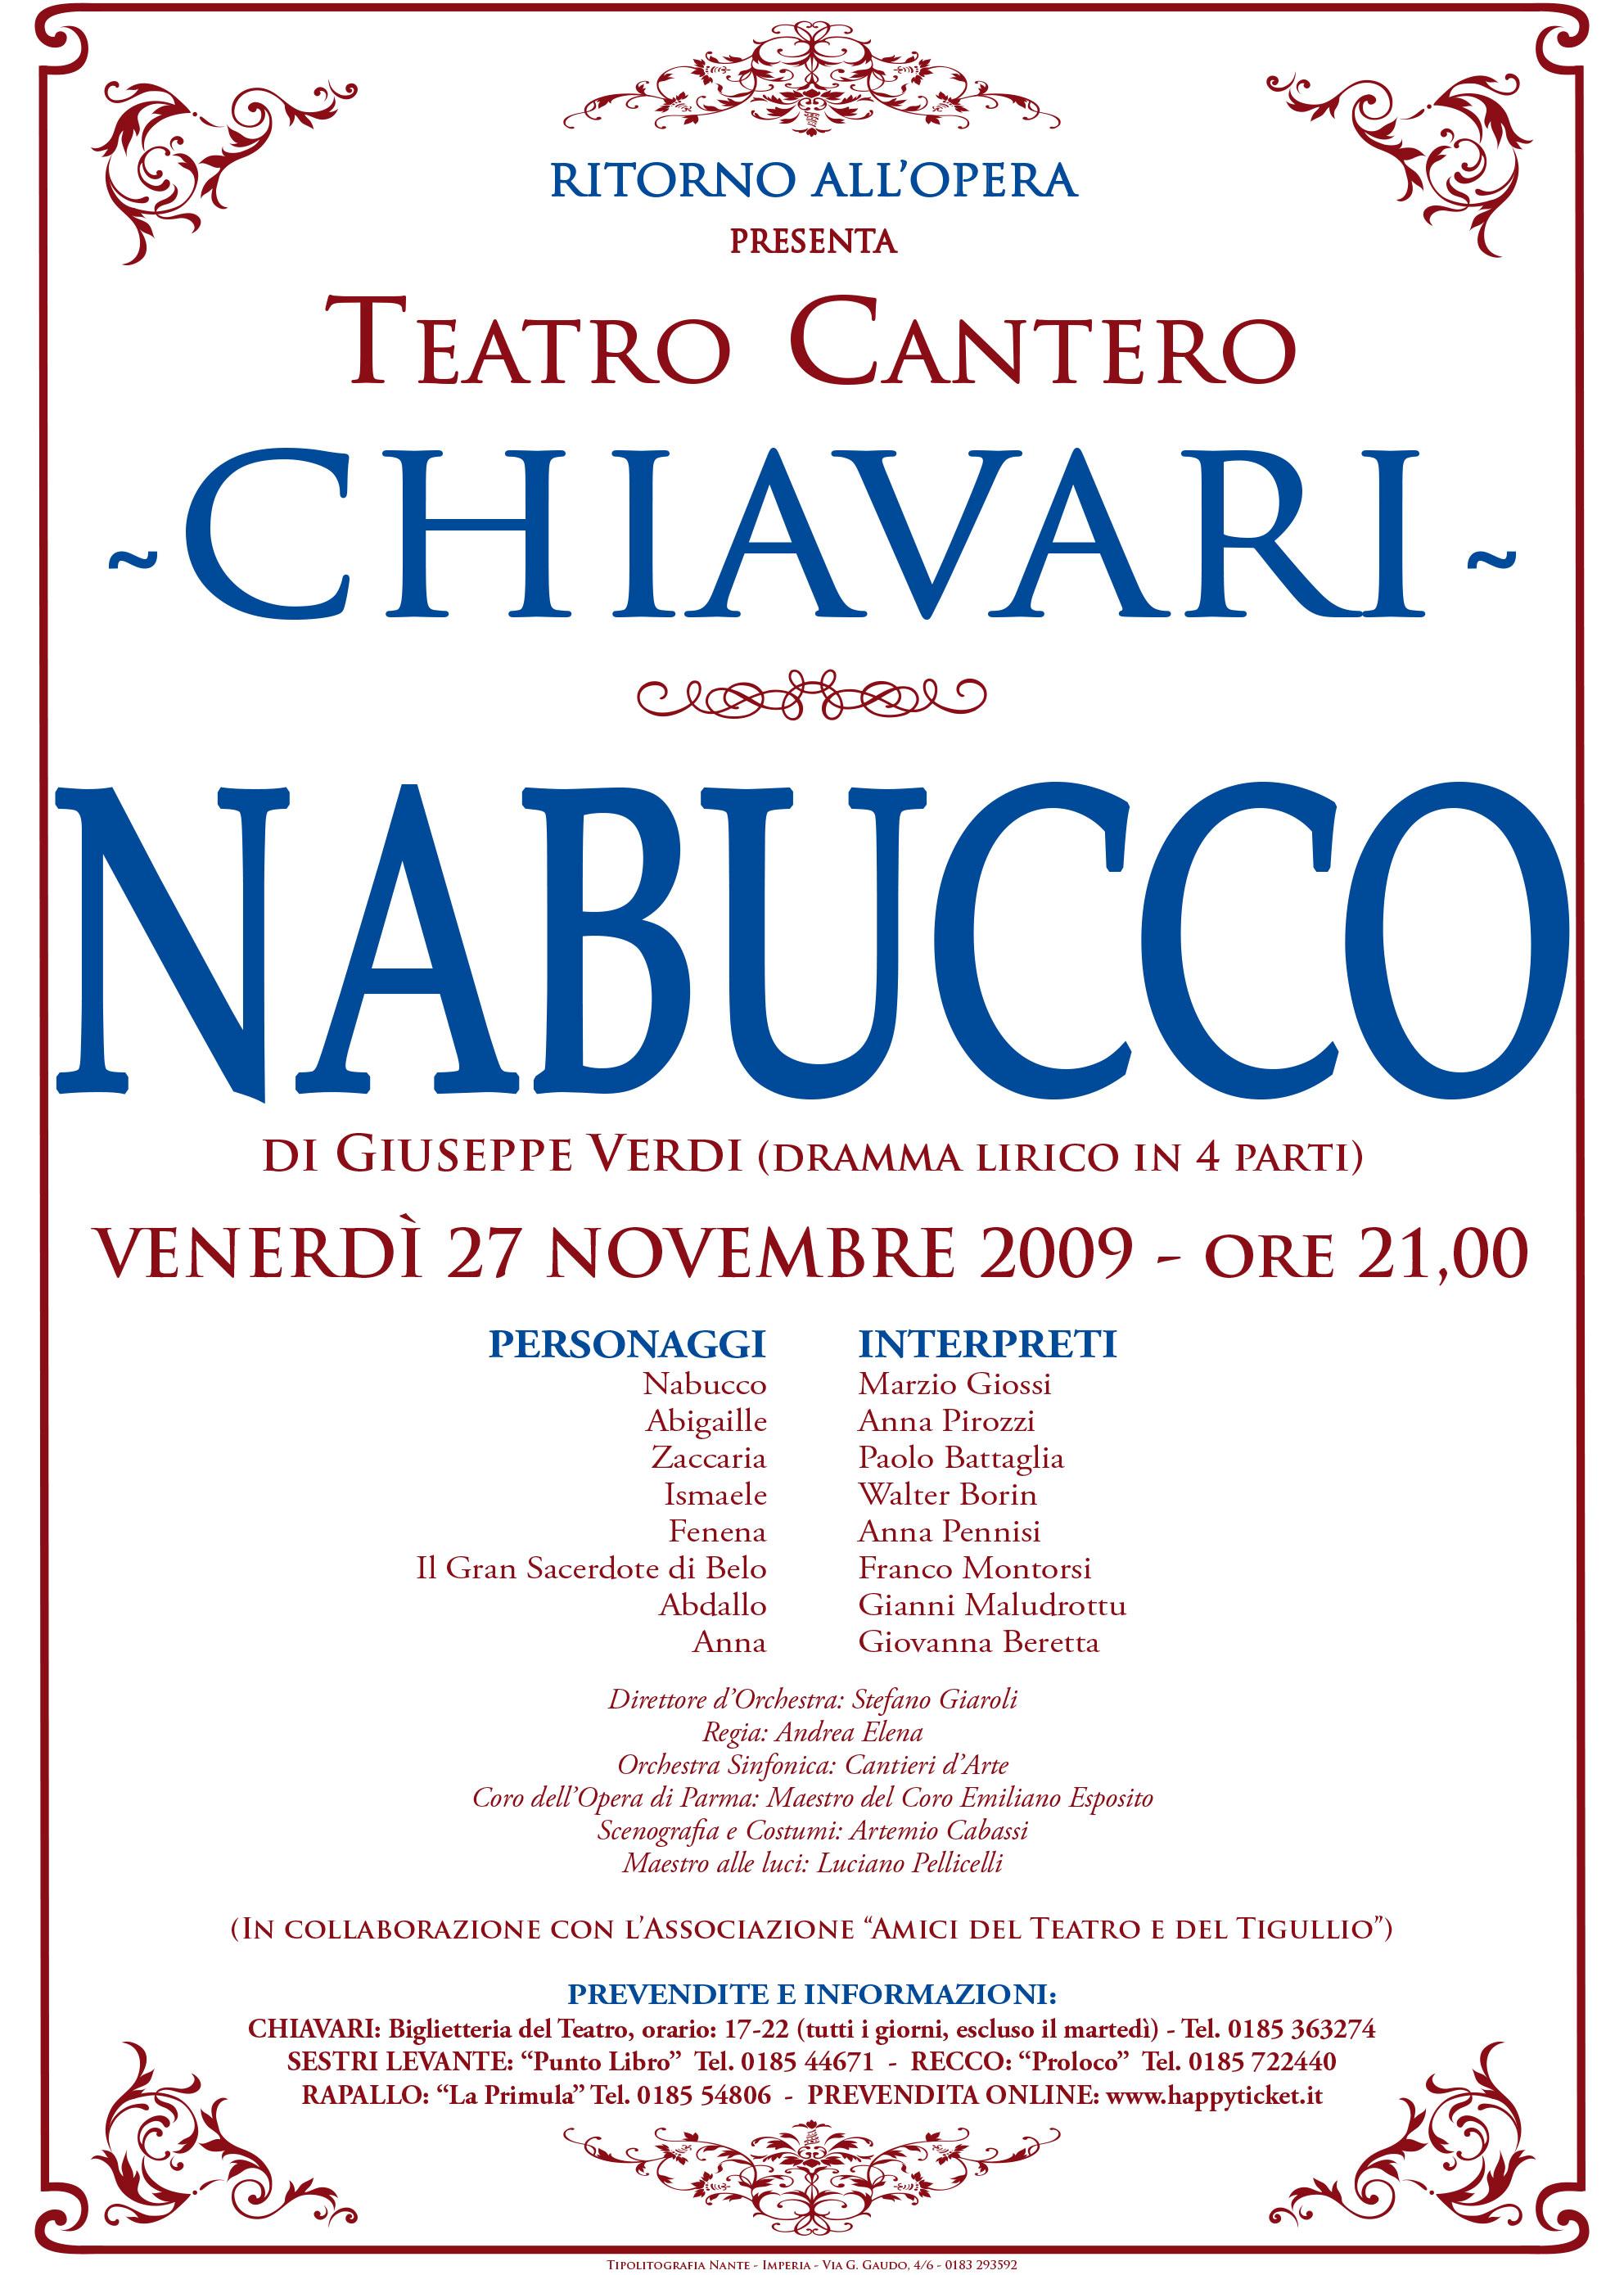 nabucco-2009